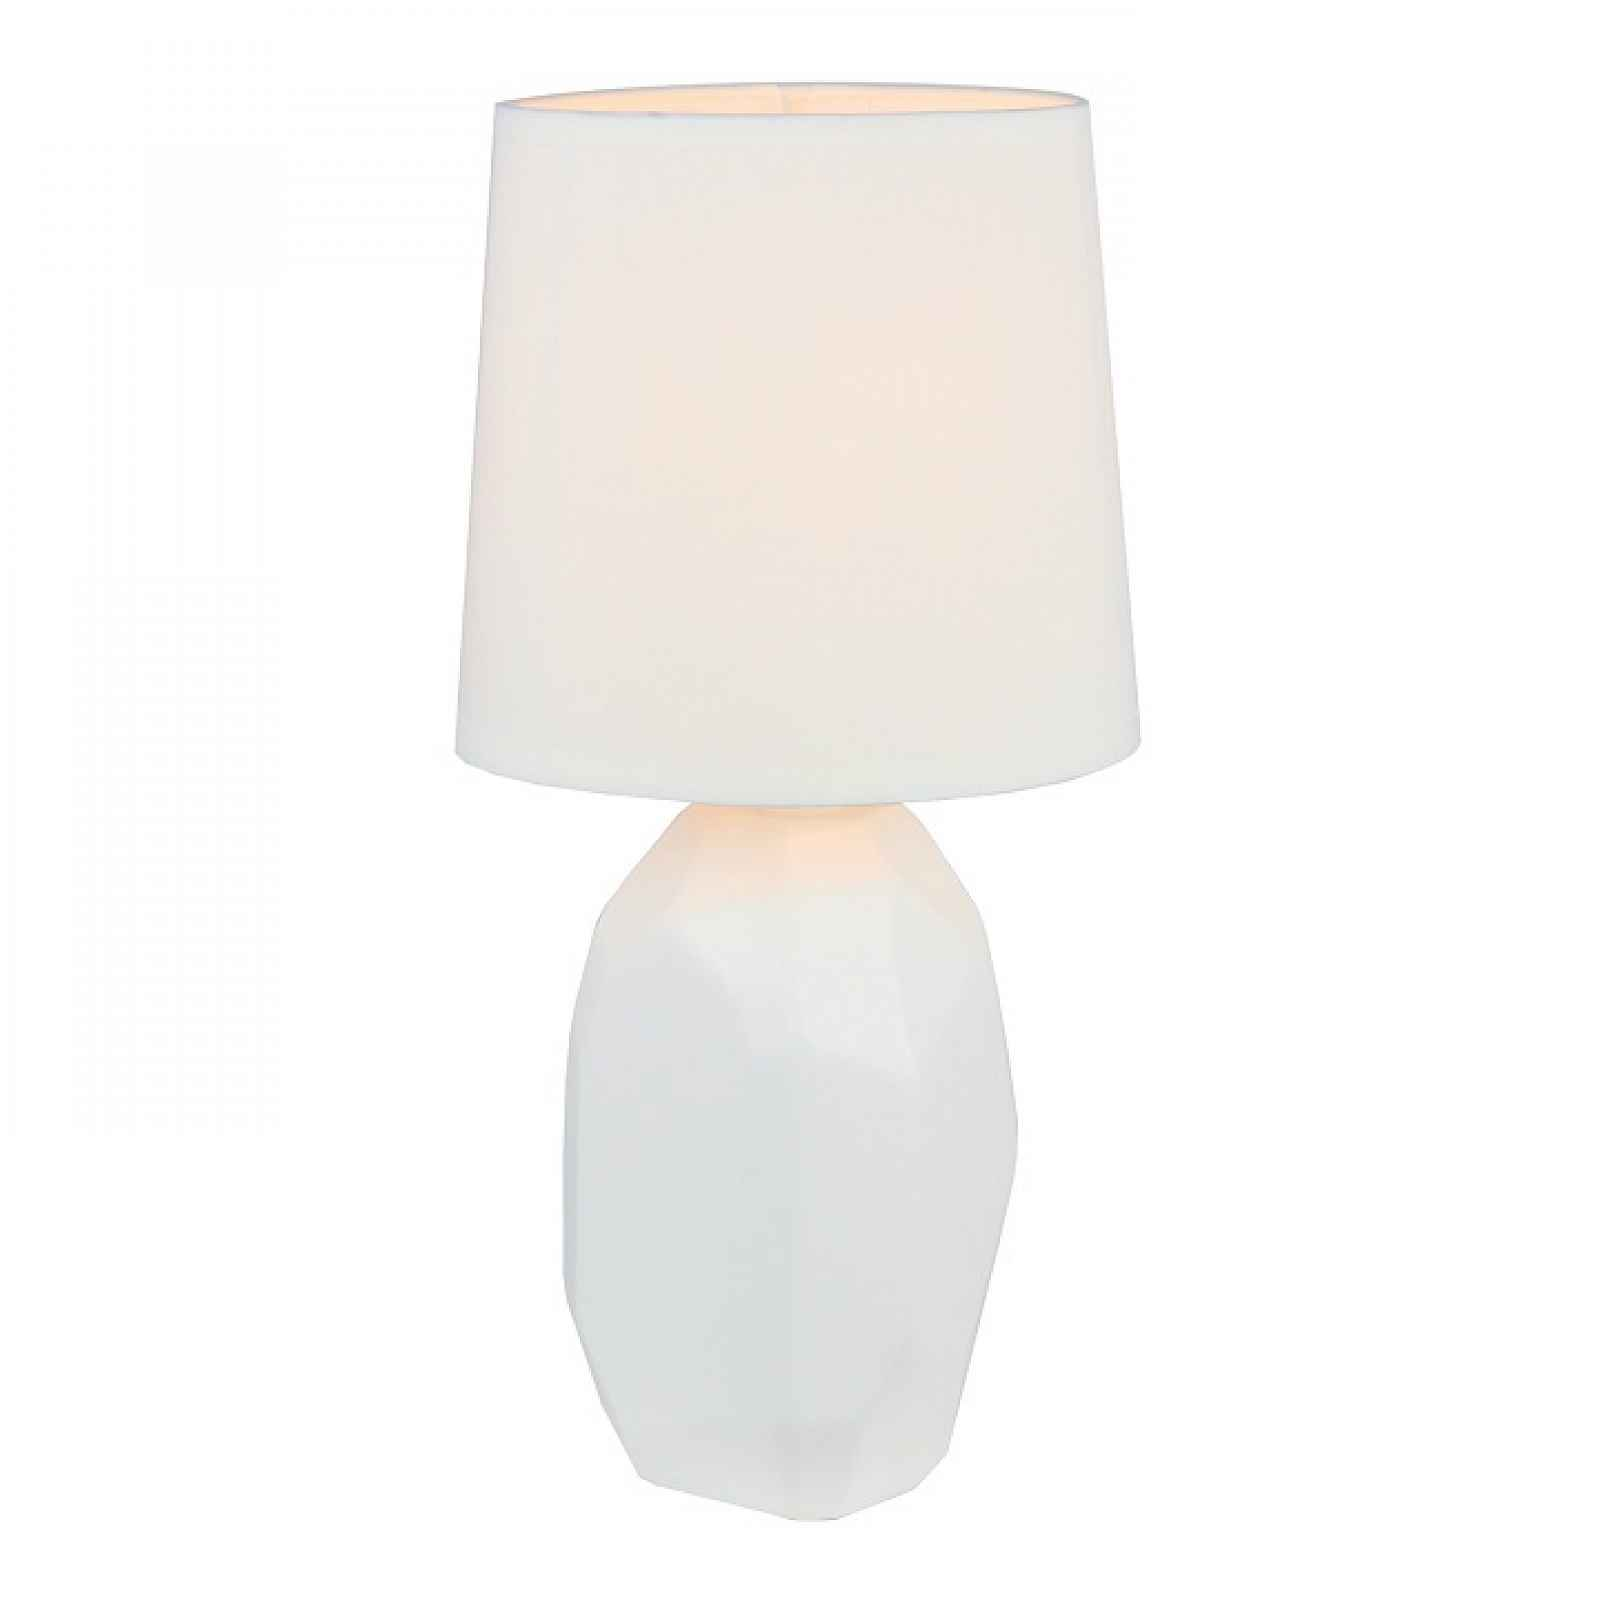 Keramická stolní lampa, bílá, QENNY TYP 1 0000190741 Tempo Kondela